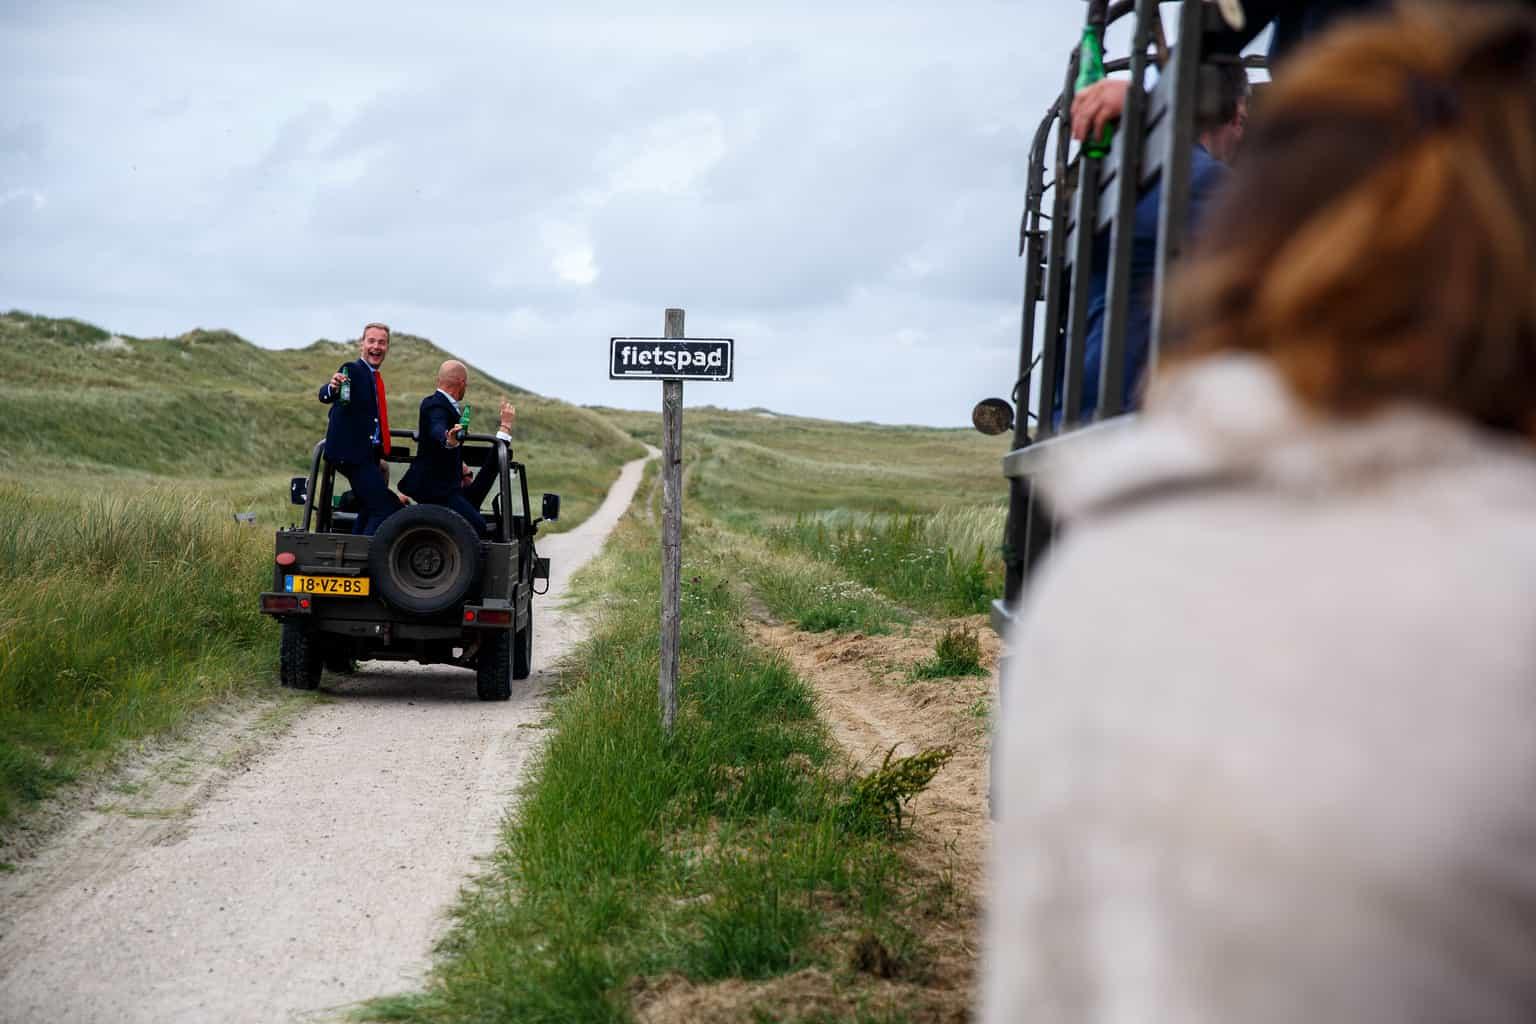 Vervoer van bruiloftsgasten, trouwen op Vlieland, wedding en planning, foto Evert Doorn, weddingplanner